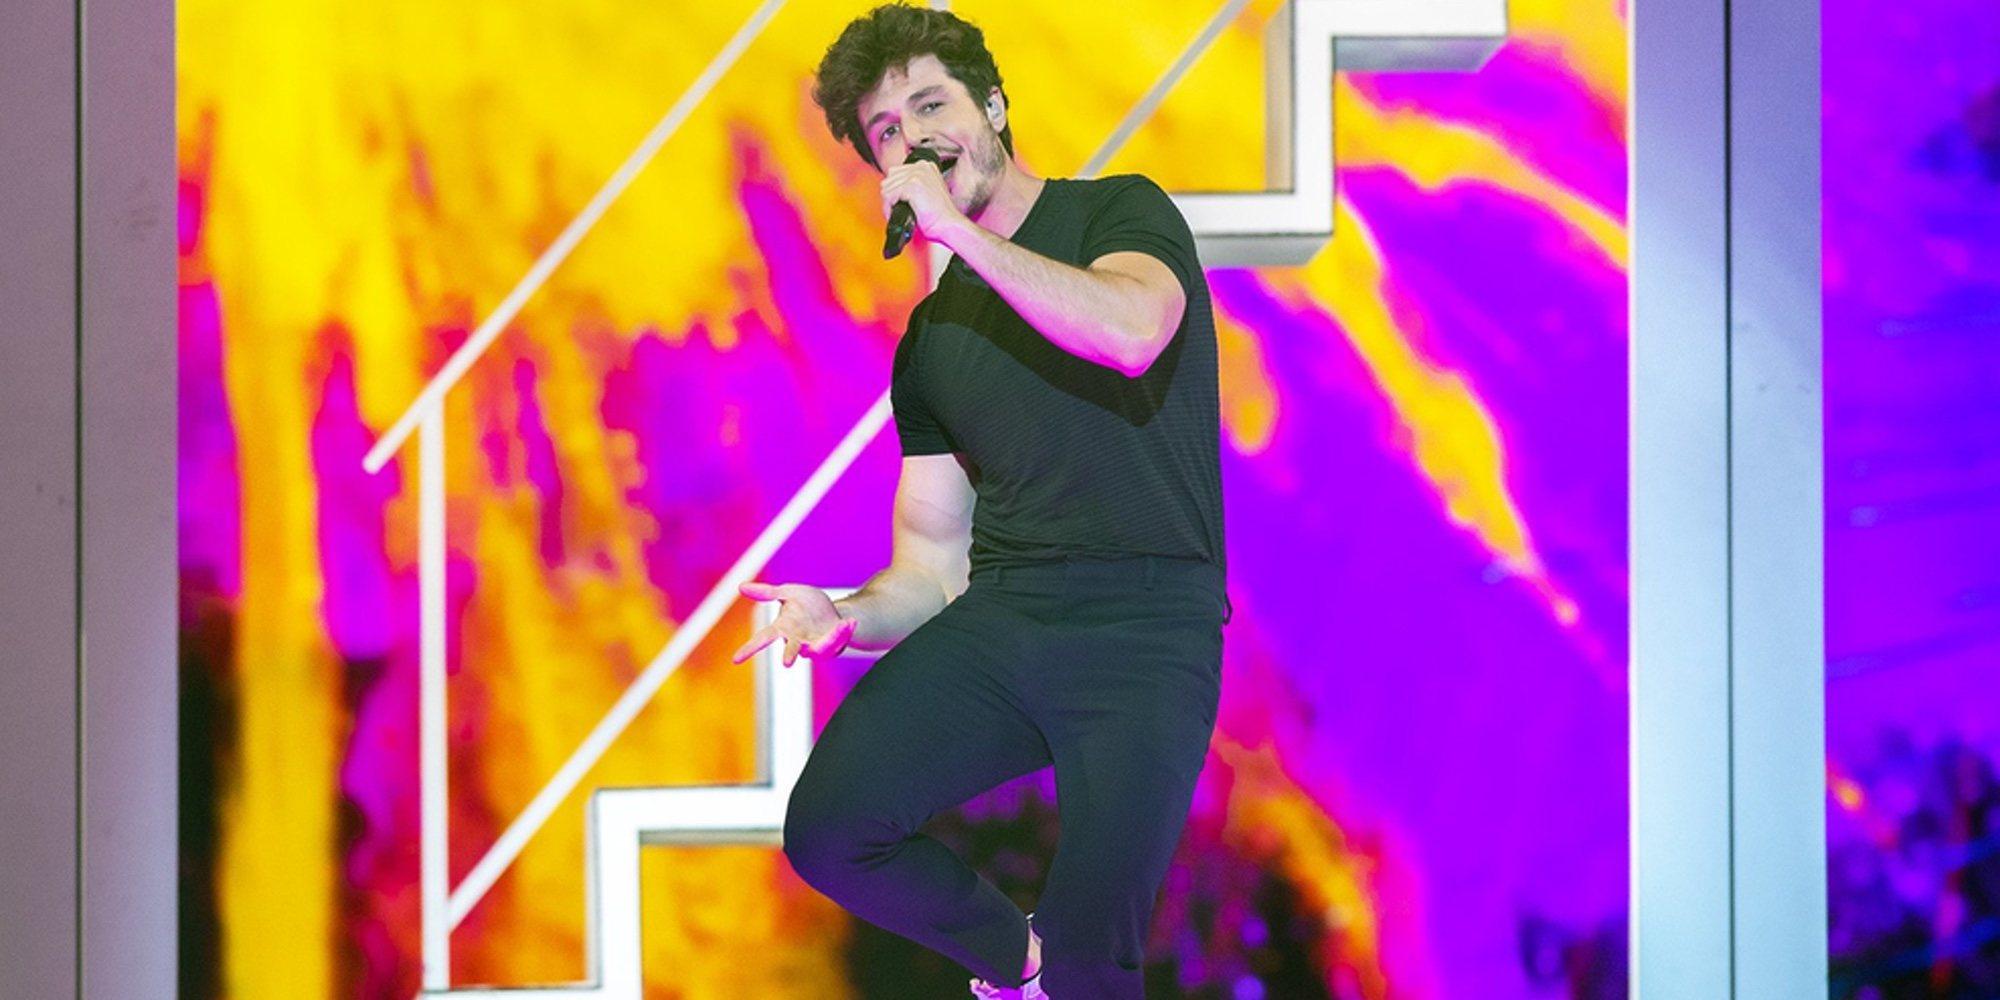 Eurovisión saca los colores a Miki enseñando una foto sin camiseta en la primera semifinal de Eurovisión 2019